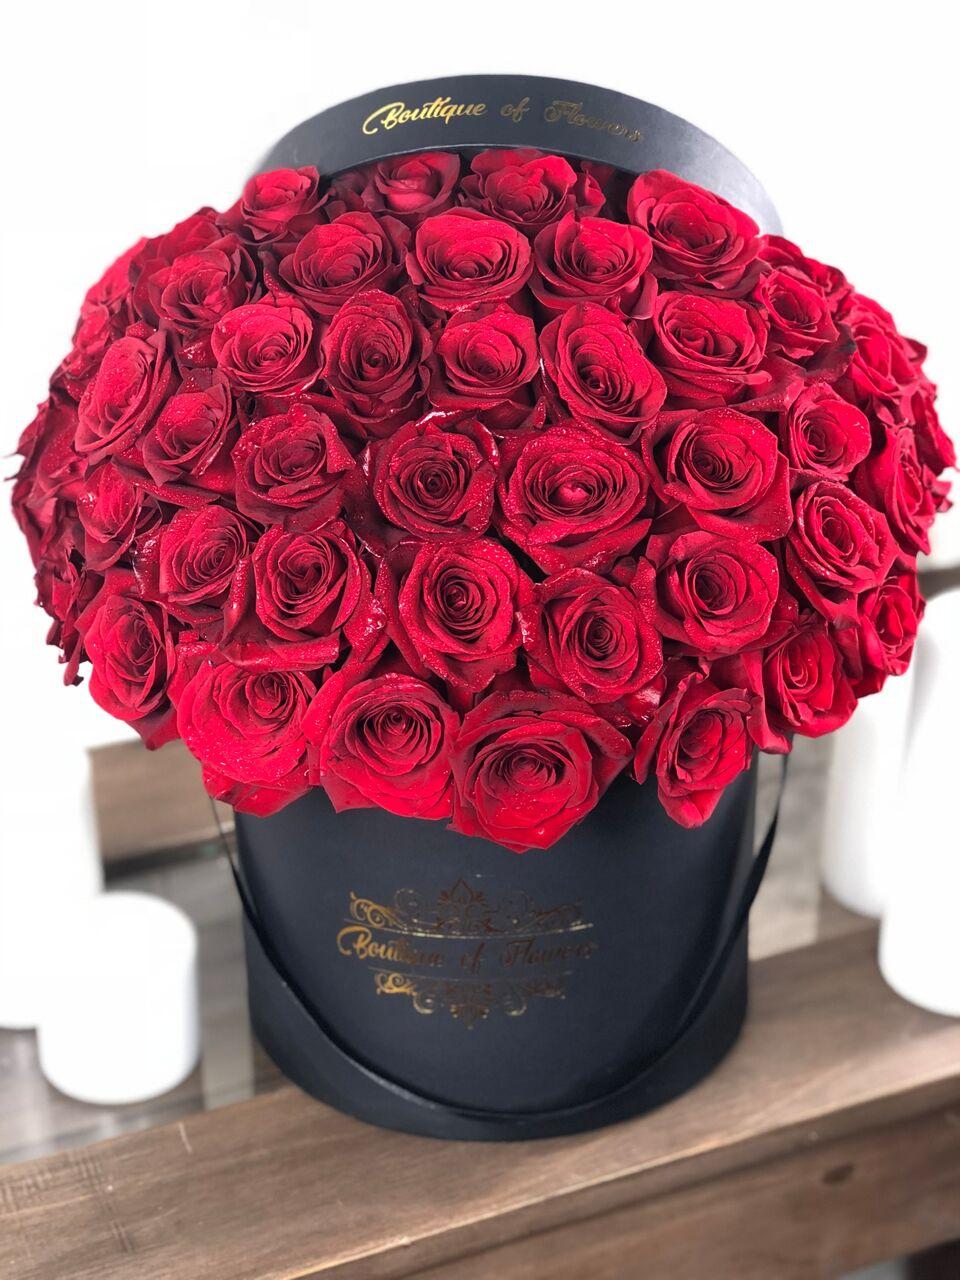 50 RED ROSE ROUND BOX